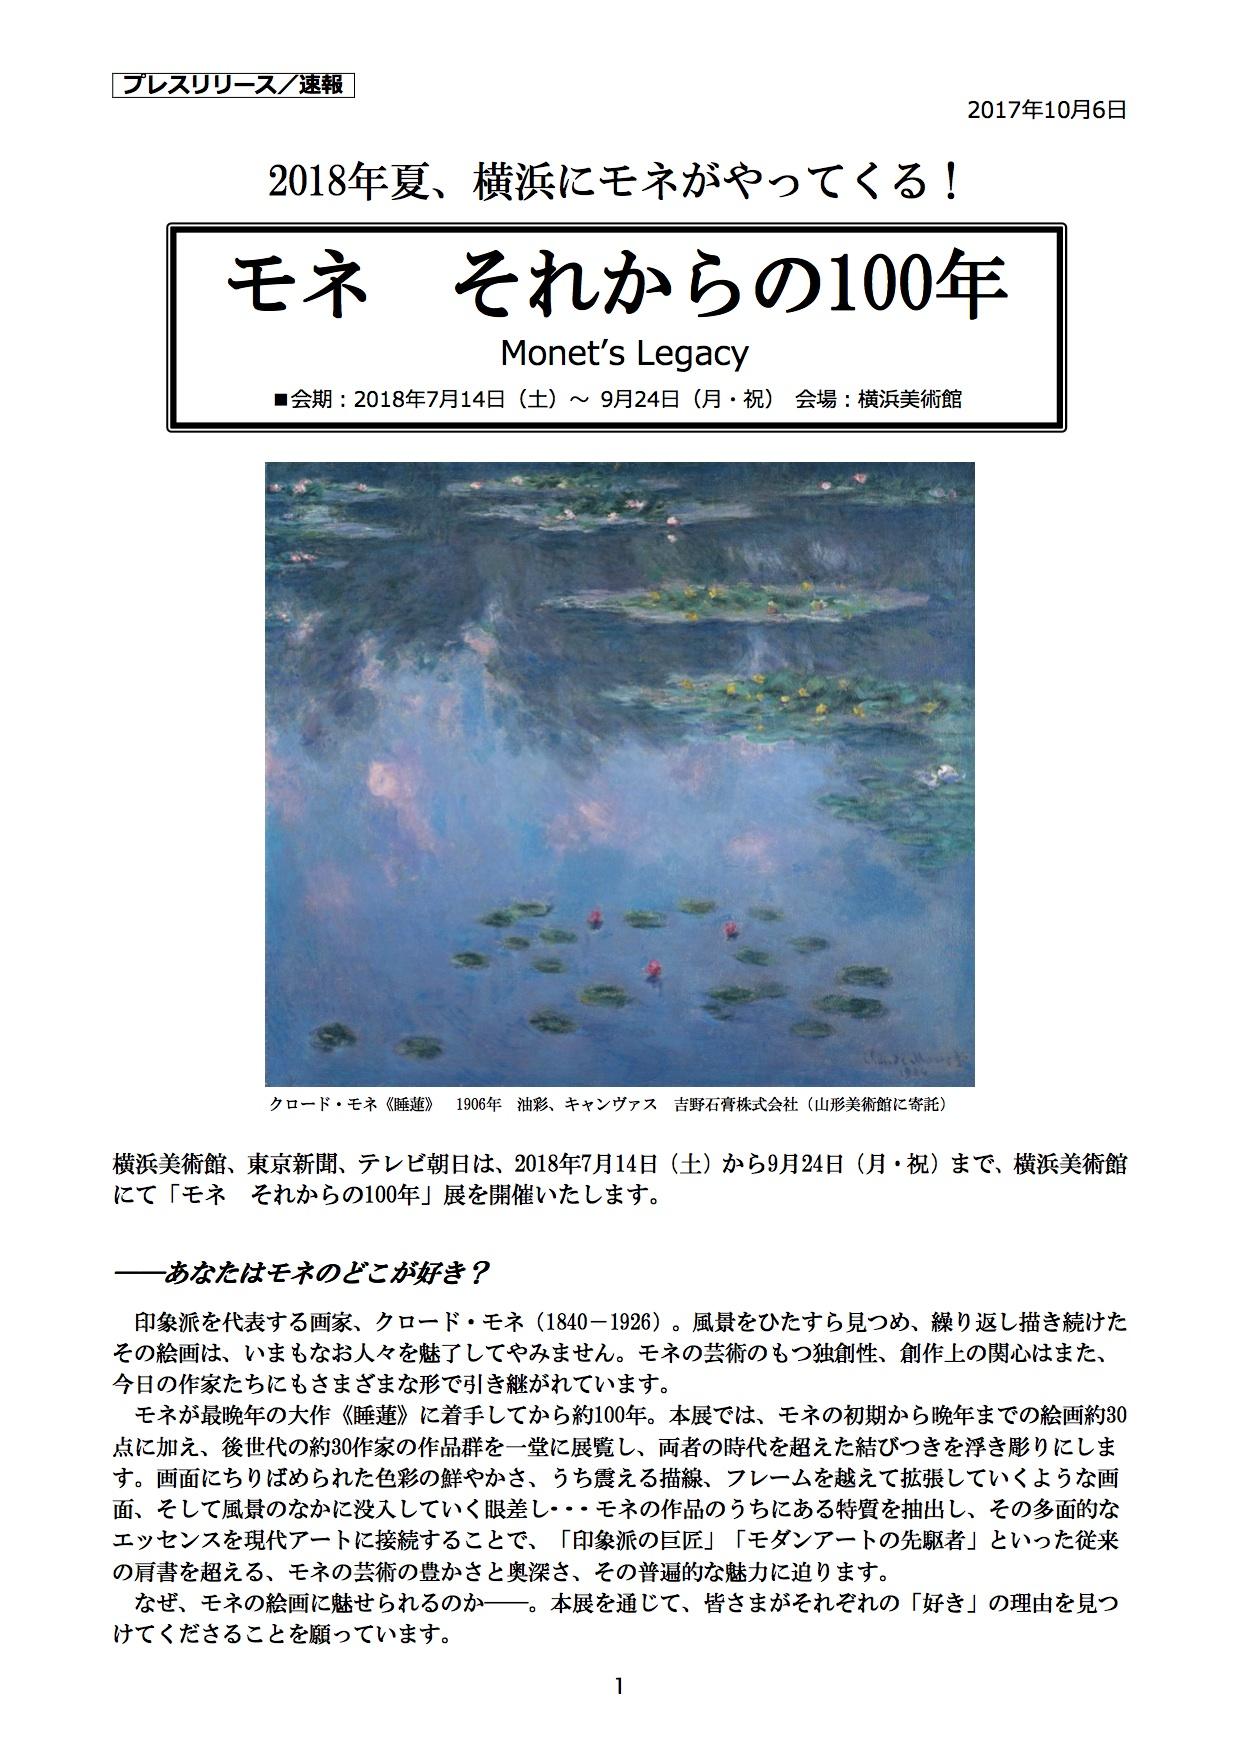 【速報】 2018年7月、横浜美術館にて 「モネ それからの100年」開催決定!